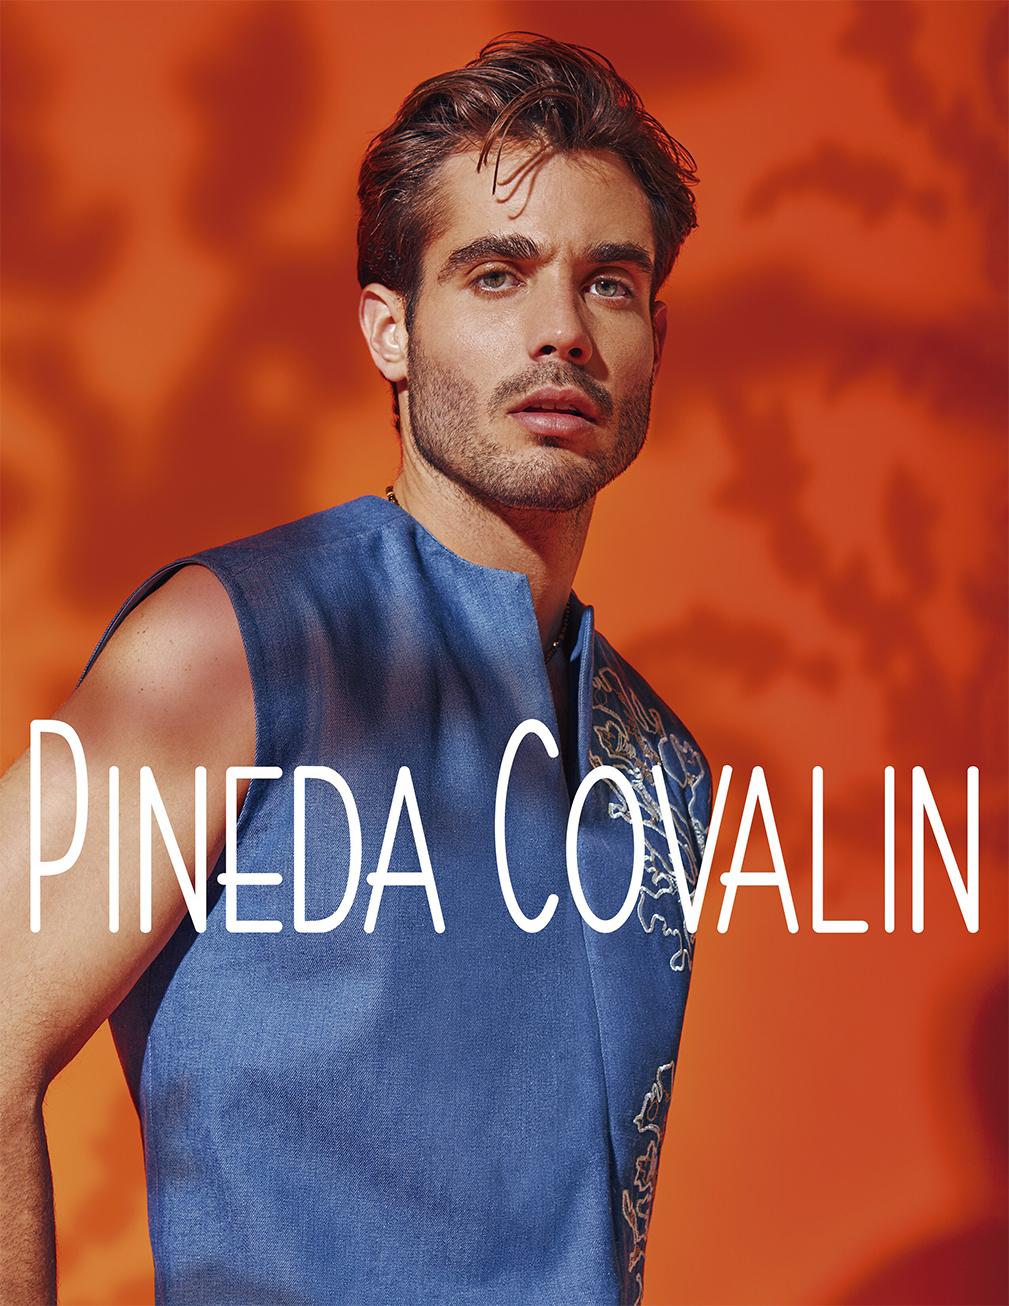 Pineda02